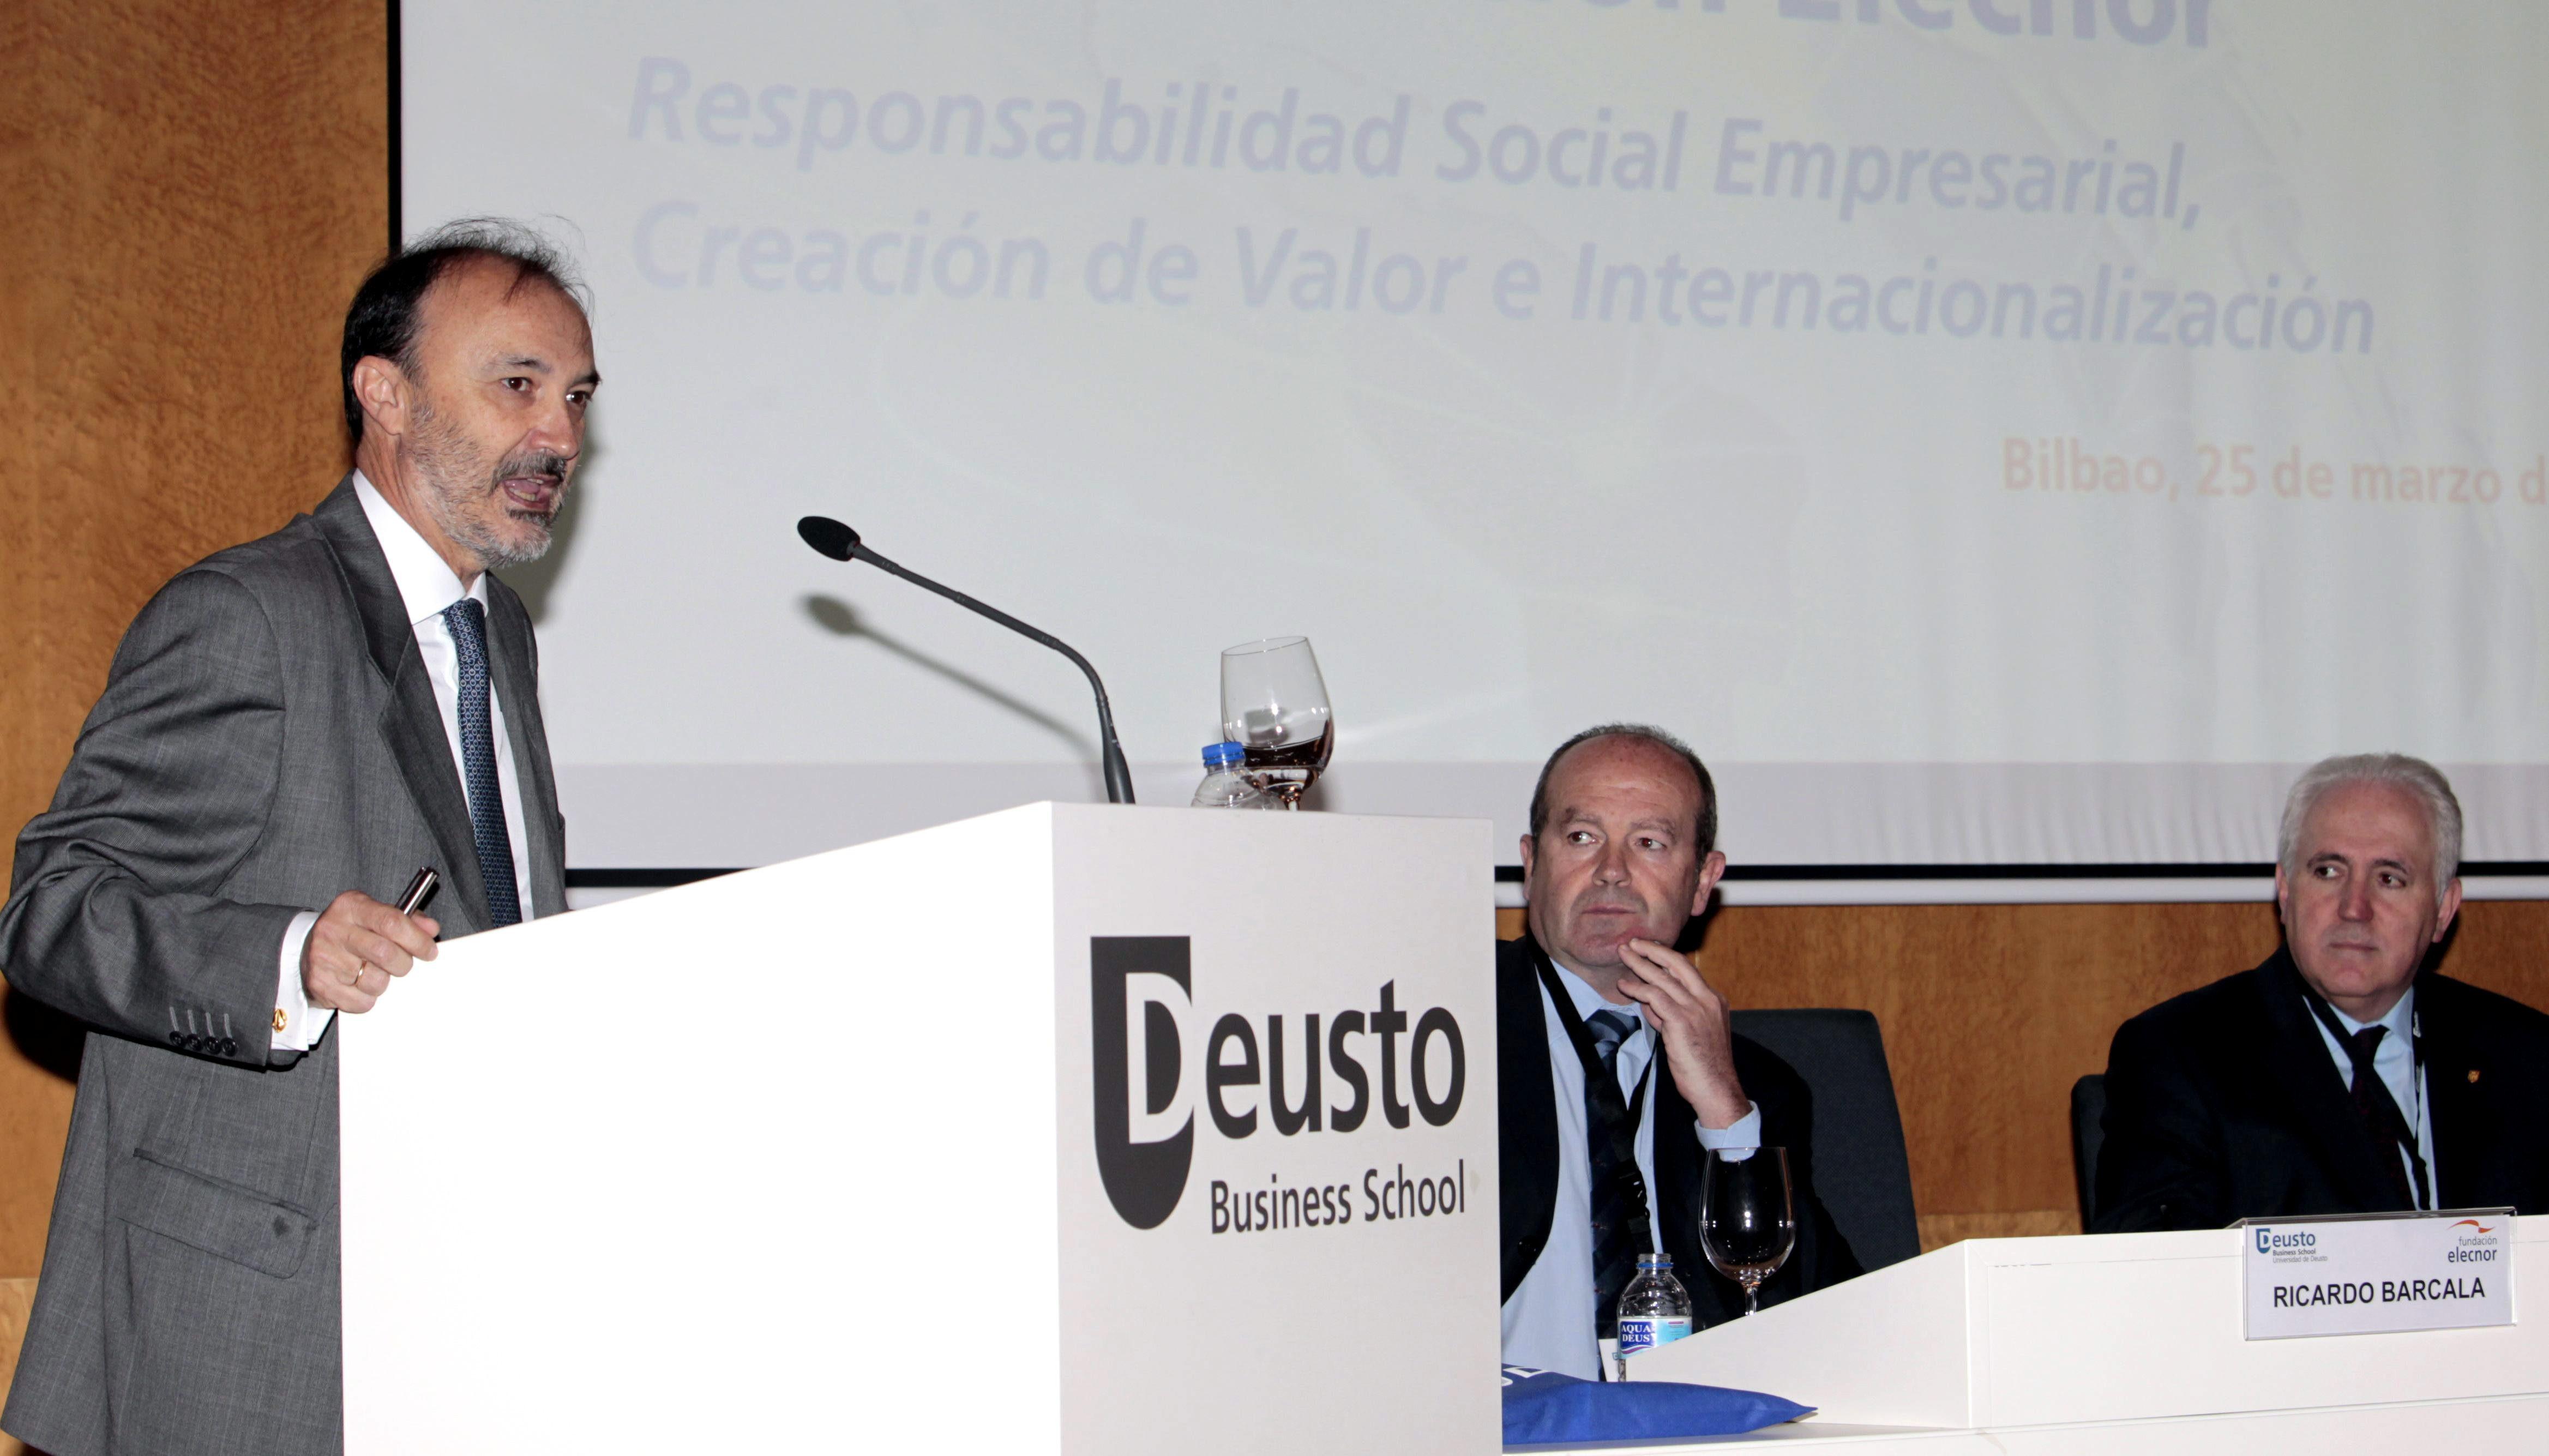 El Gobierno valora la responsabilidad moral de las empresas españolas fuera